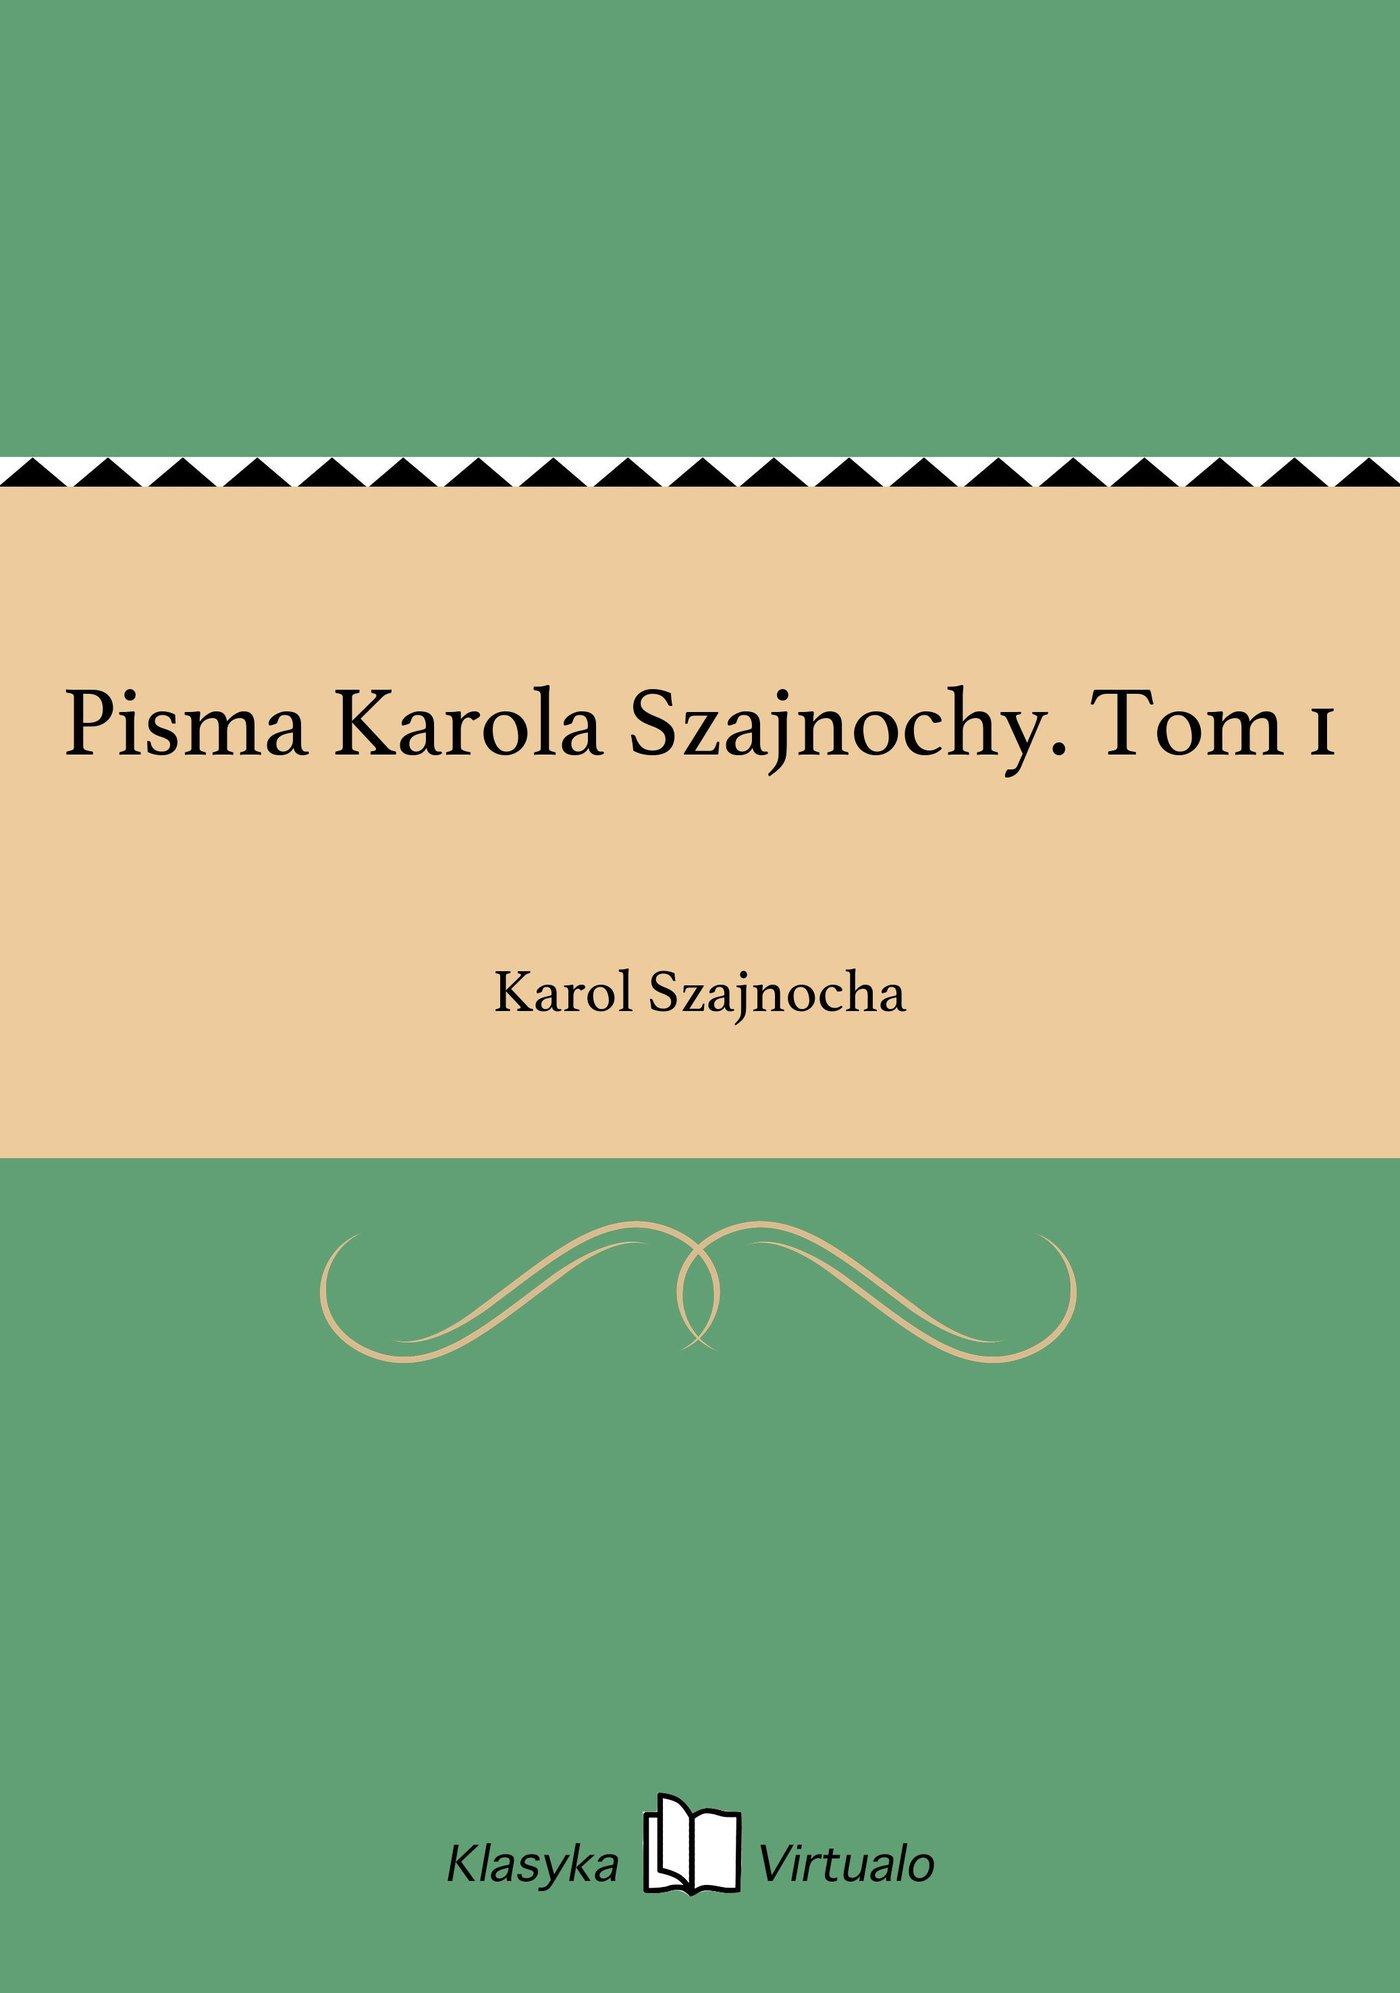 Pisma Karola Szajnochy. Tom 1 - Ebook (Książka EPUB) do pobrania w formacie EPUB